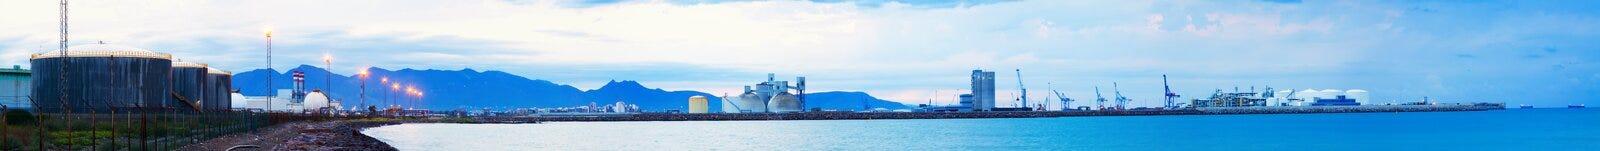 地中海海岸的工业区 图库摄影